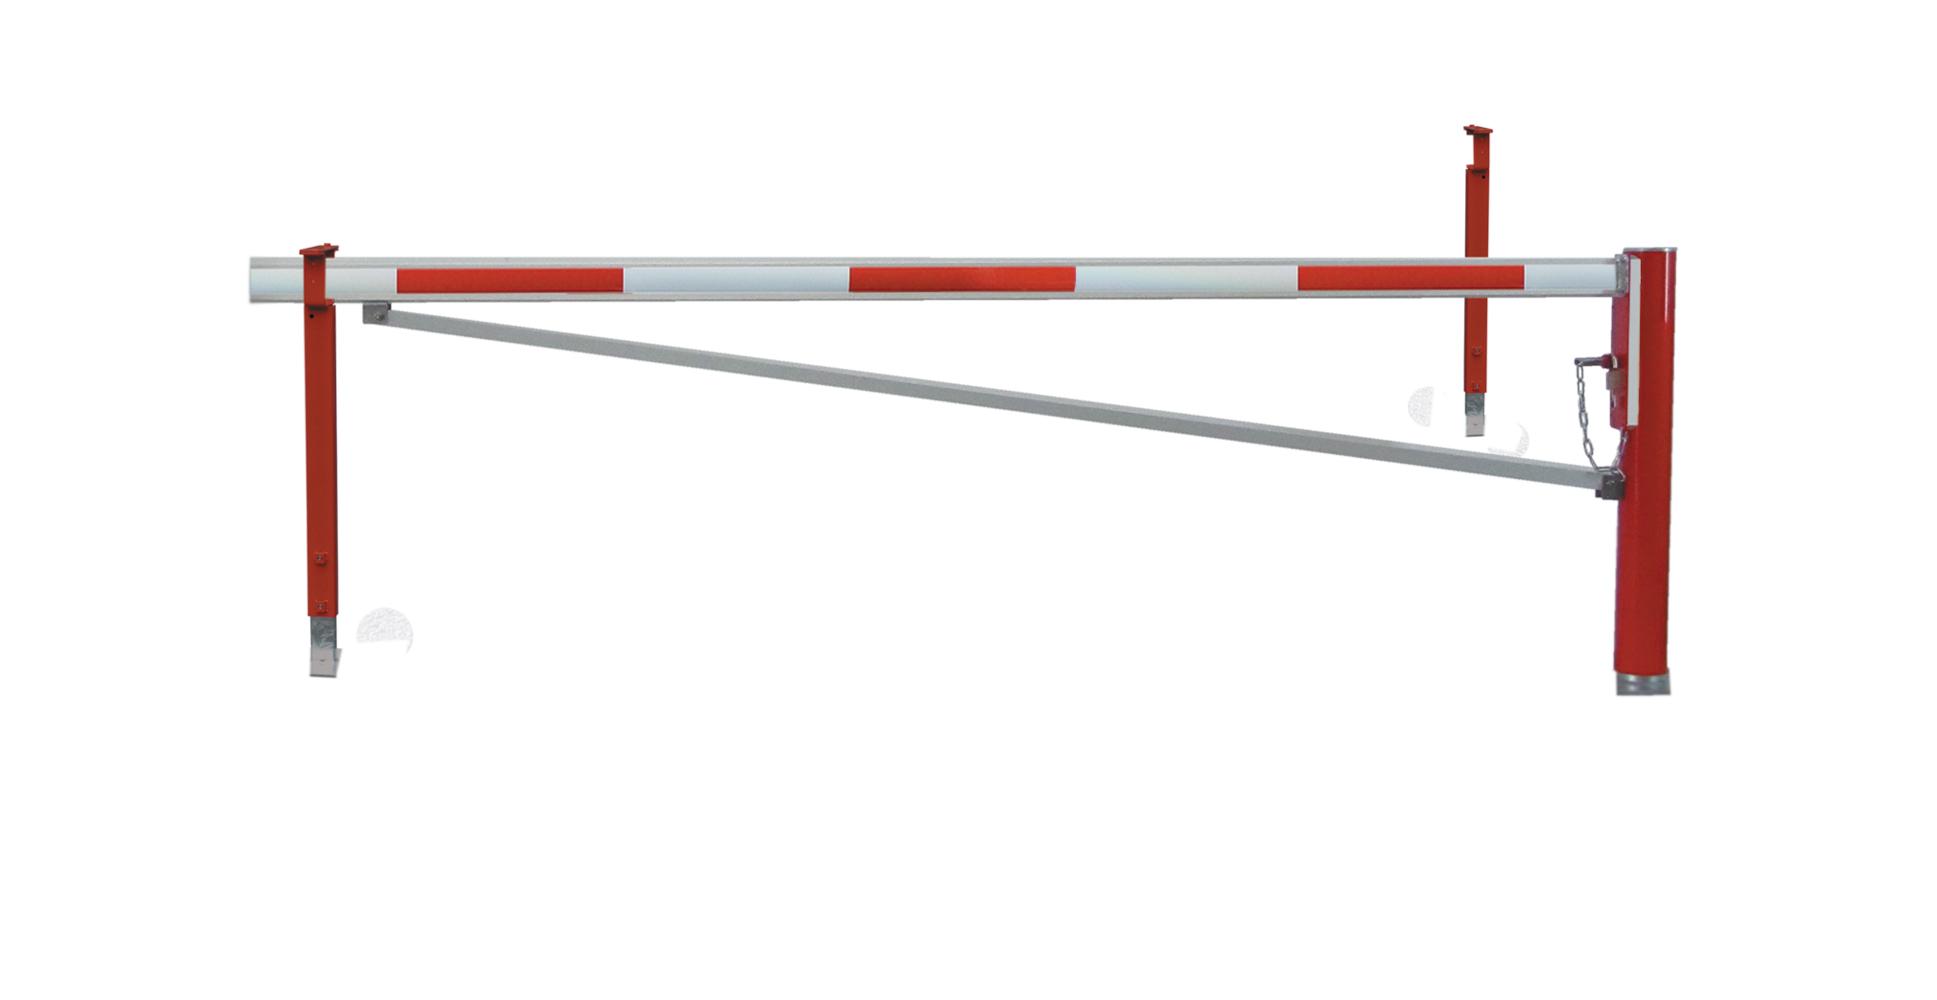 Drehsperre | 2 Auflagepfosten und Diagonalstrebe